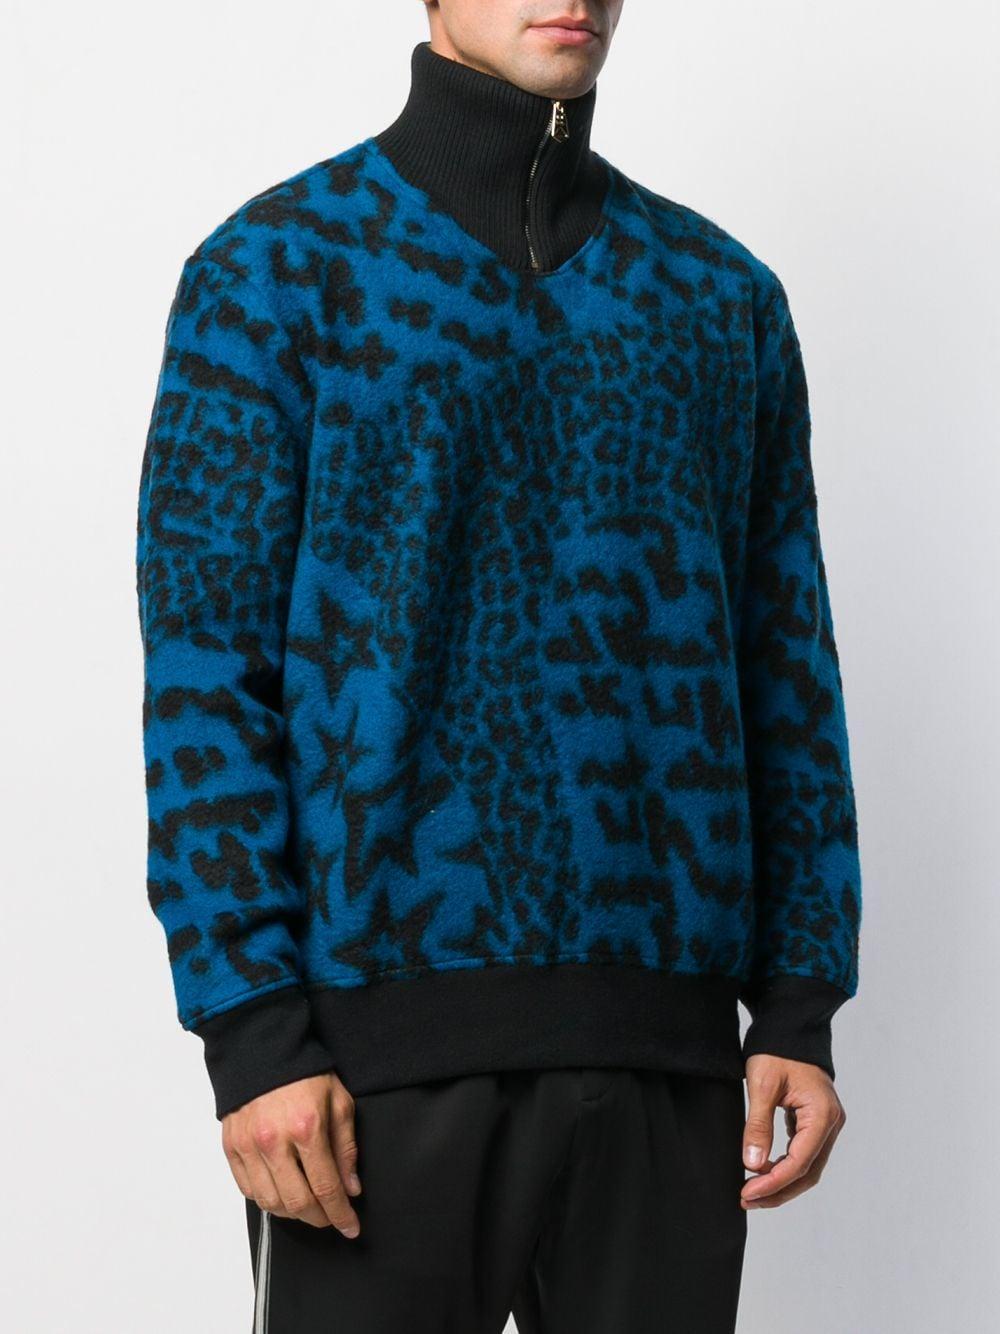 Paul Smith Wol Trui Met Luipaardprint in het Blauw voor heren